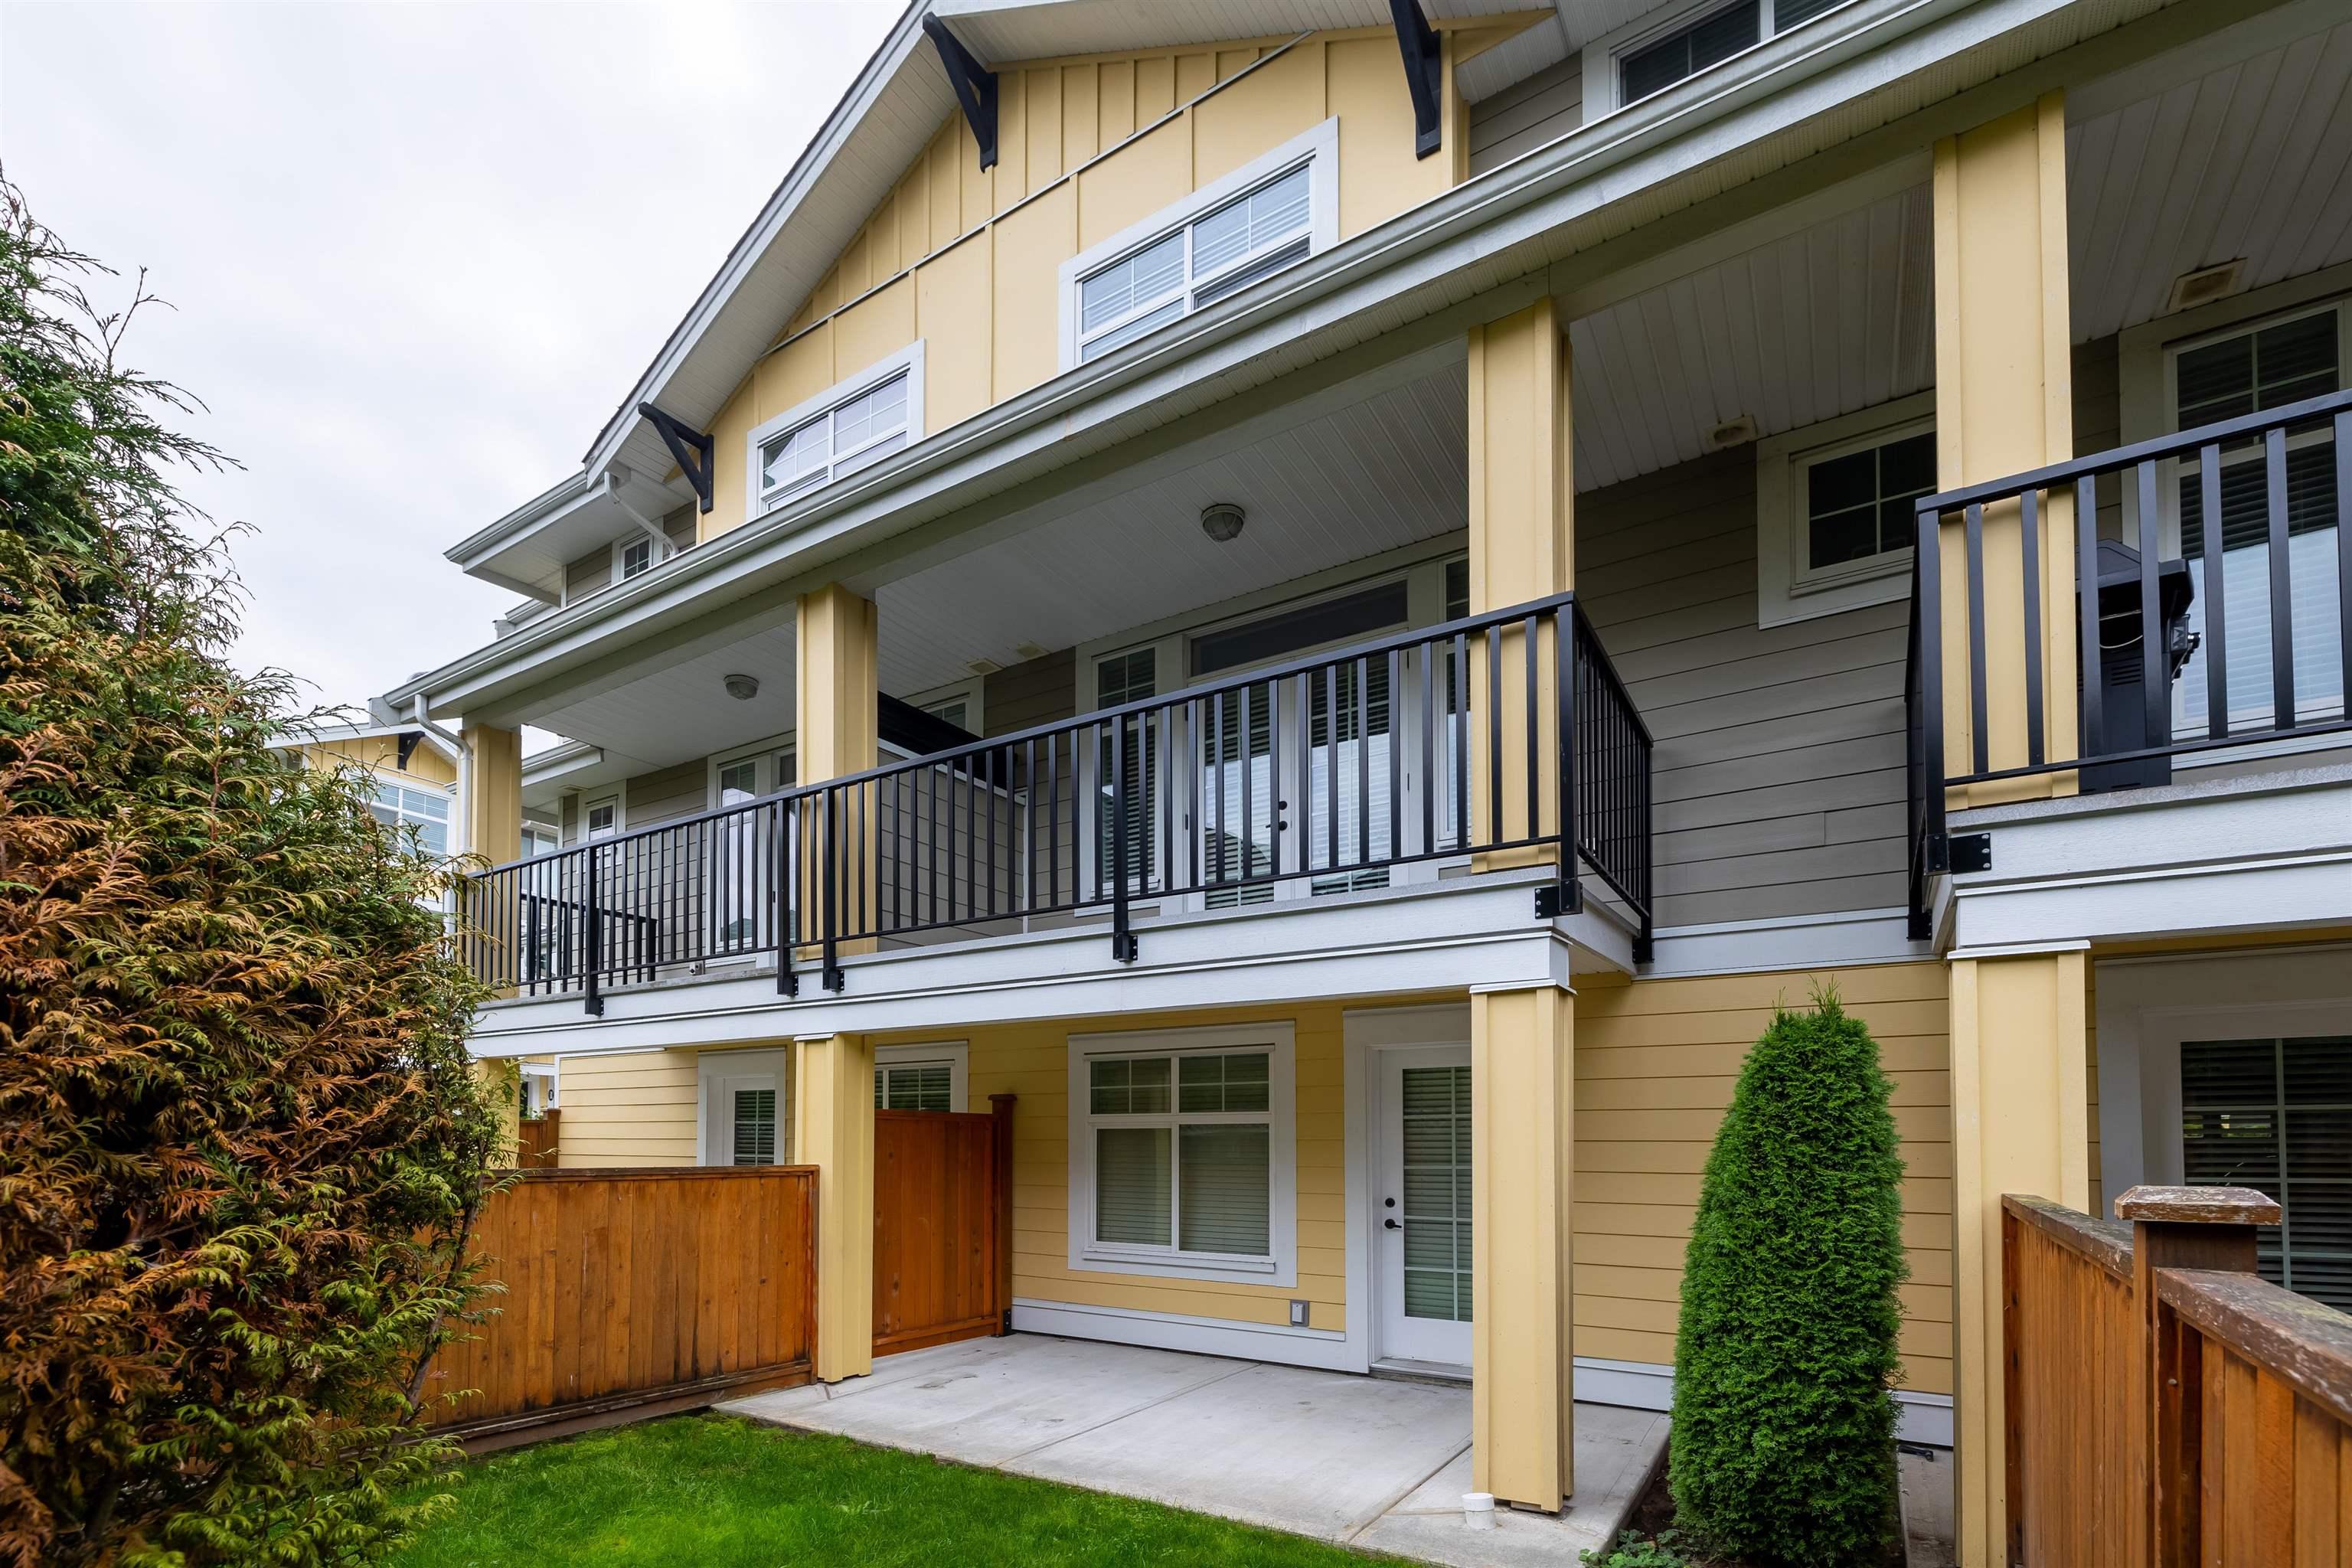 29 17171 2B AVENUE - Pacific Douglas Townhouse for sale, 3 Bedrooms (R2625037) - #37